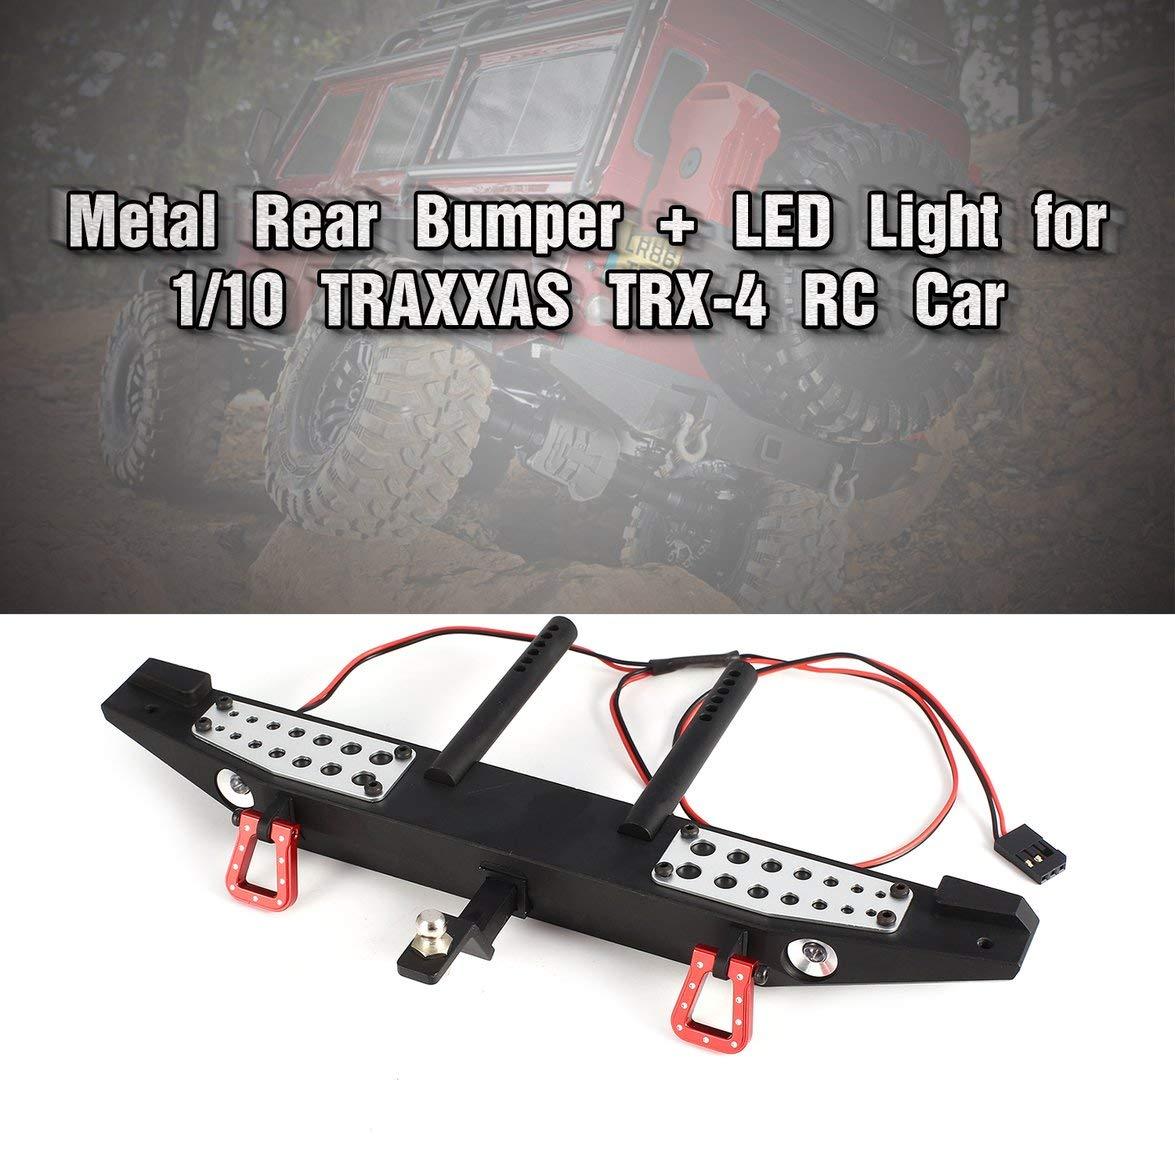 Luz LED Partes de autom/óviles RC Accesorios para escala 1//10 Axial SCX10 Traxxas TRX-4 D90 RC Rock Crawler-Negro-1 Tama/ño Parachoques trasero de metal